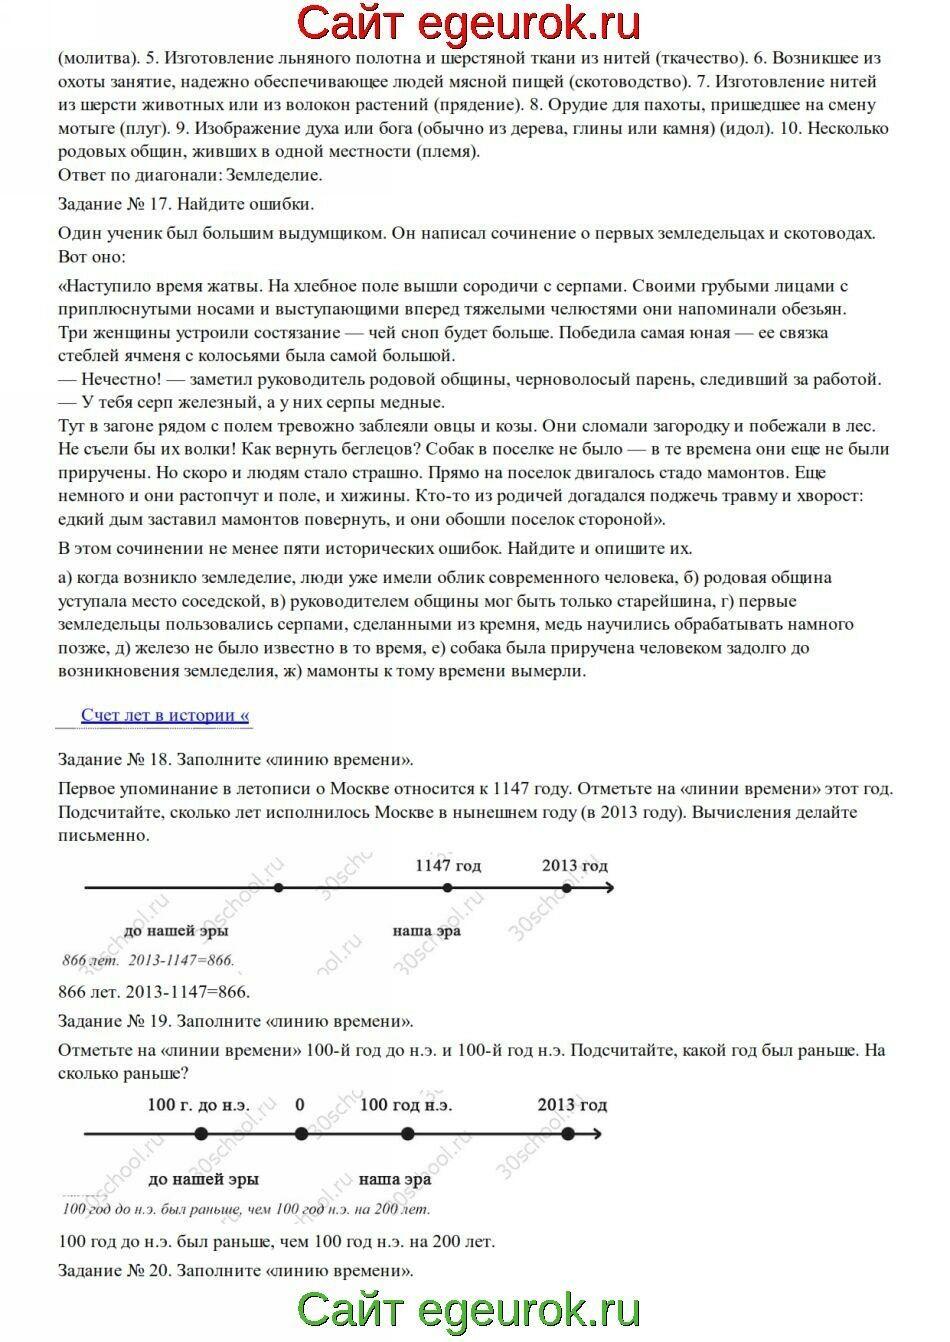 Тематический контроль по английскому языку. 5 класс [image] все.